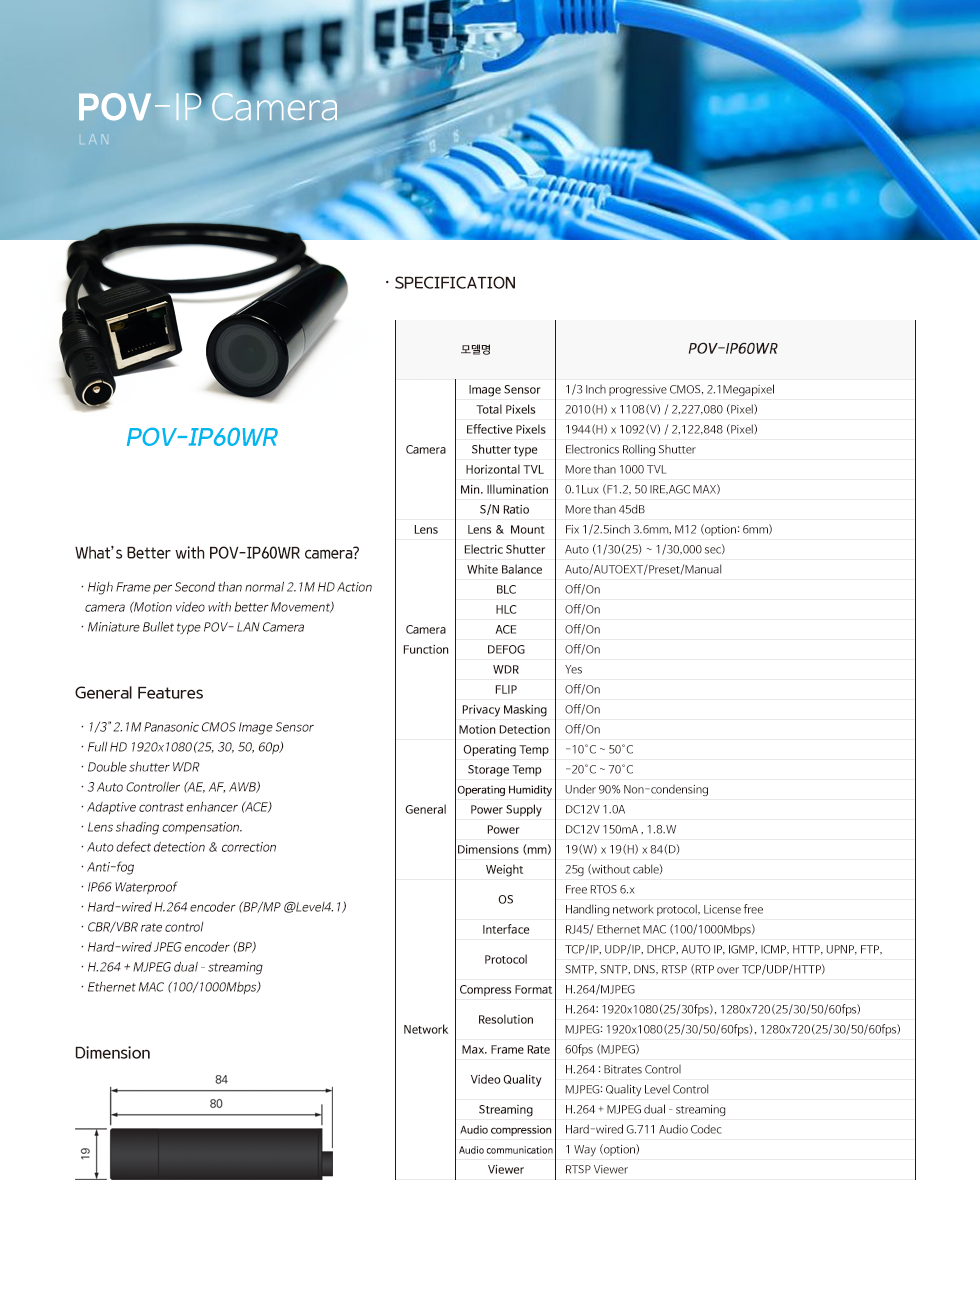 POV-IP60WR_e.png